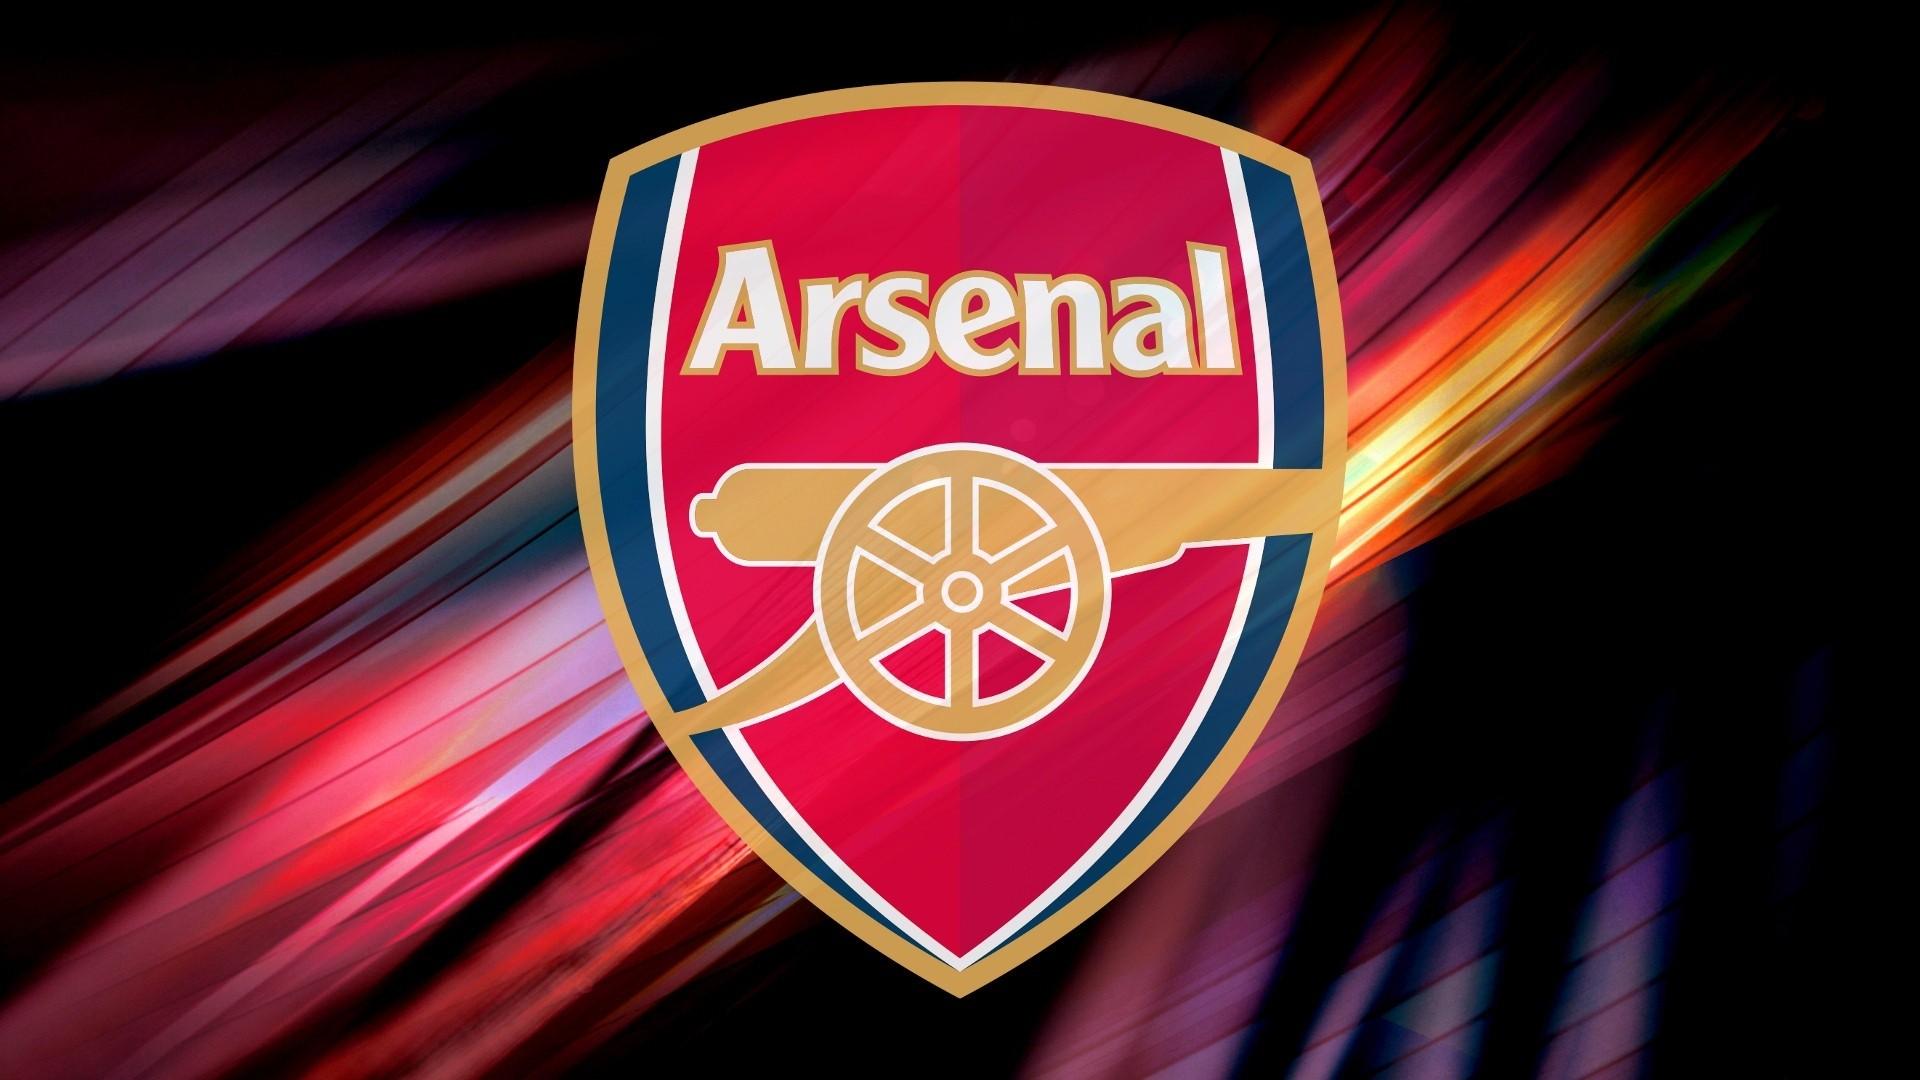 Arsenal Wallpaper theme